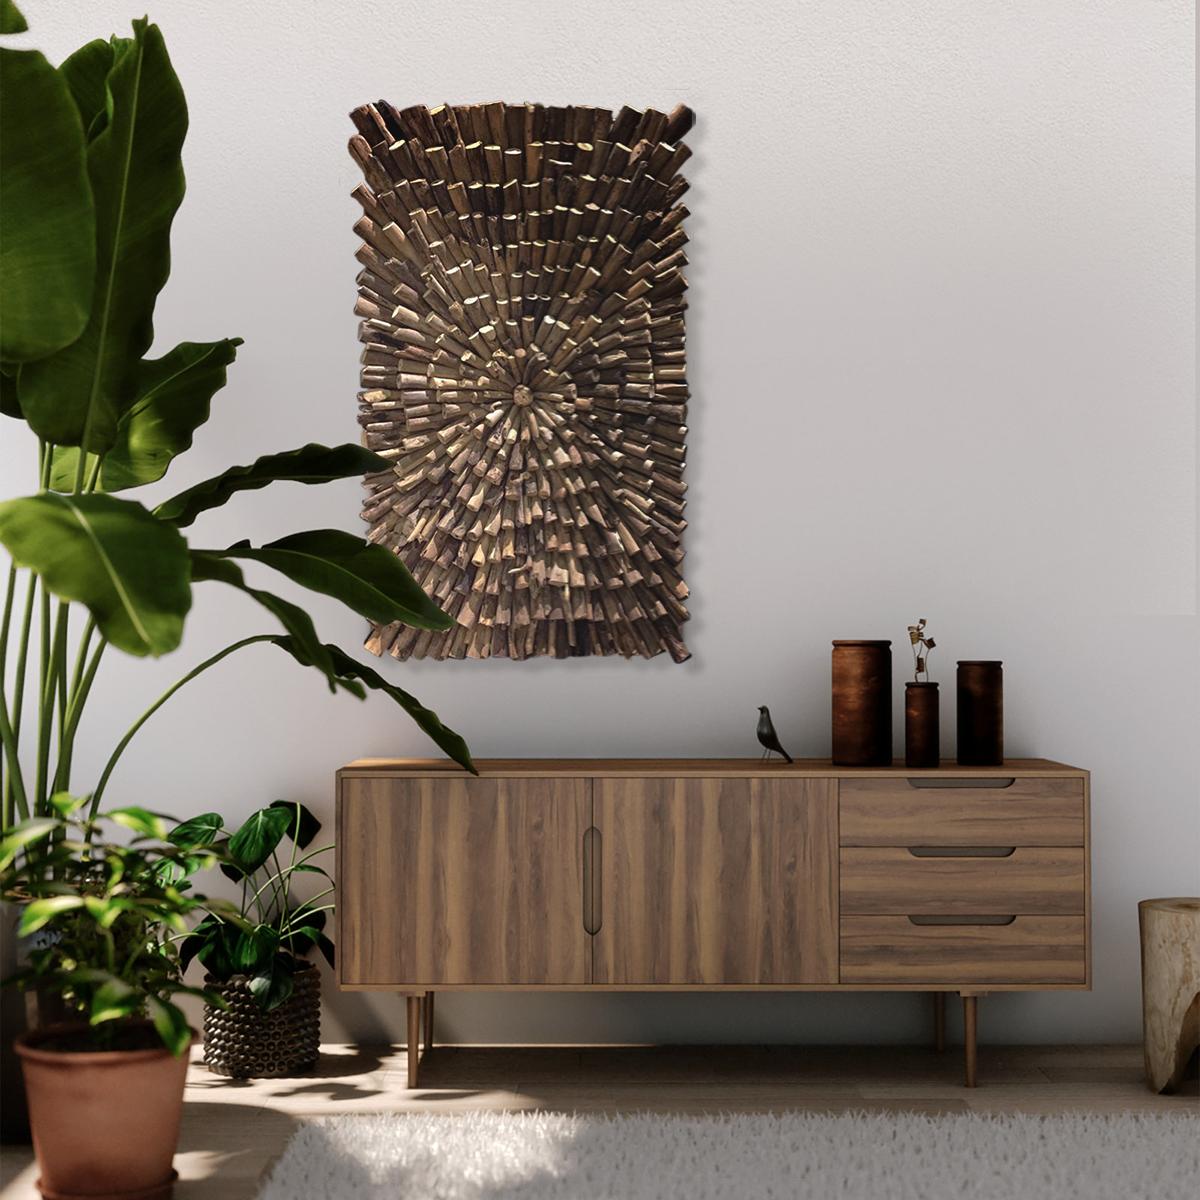 Ongebruikt Prachtige houten wandpanelen als wanddecoratie voor je huis of IH-38